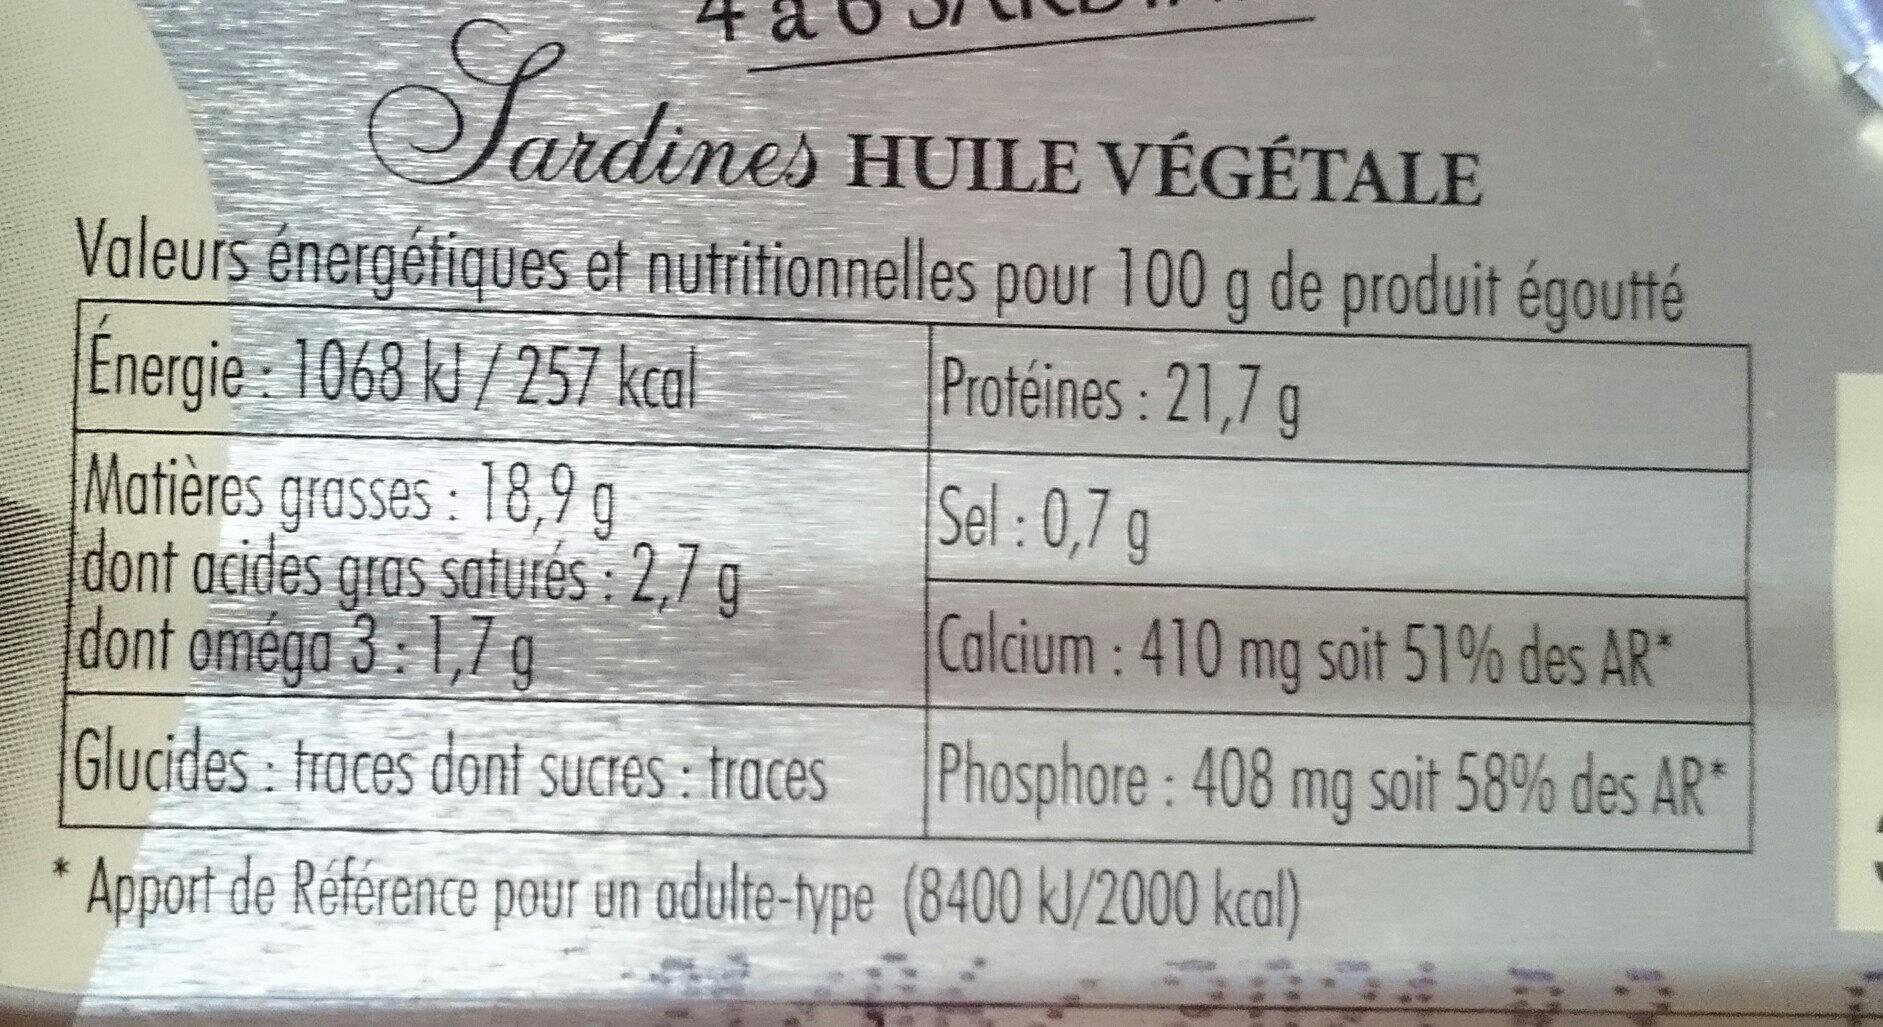 Sardines (Huile Végétale) - Ingrédients - fr